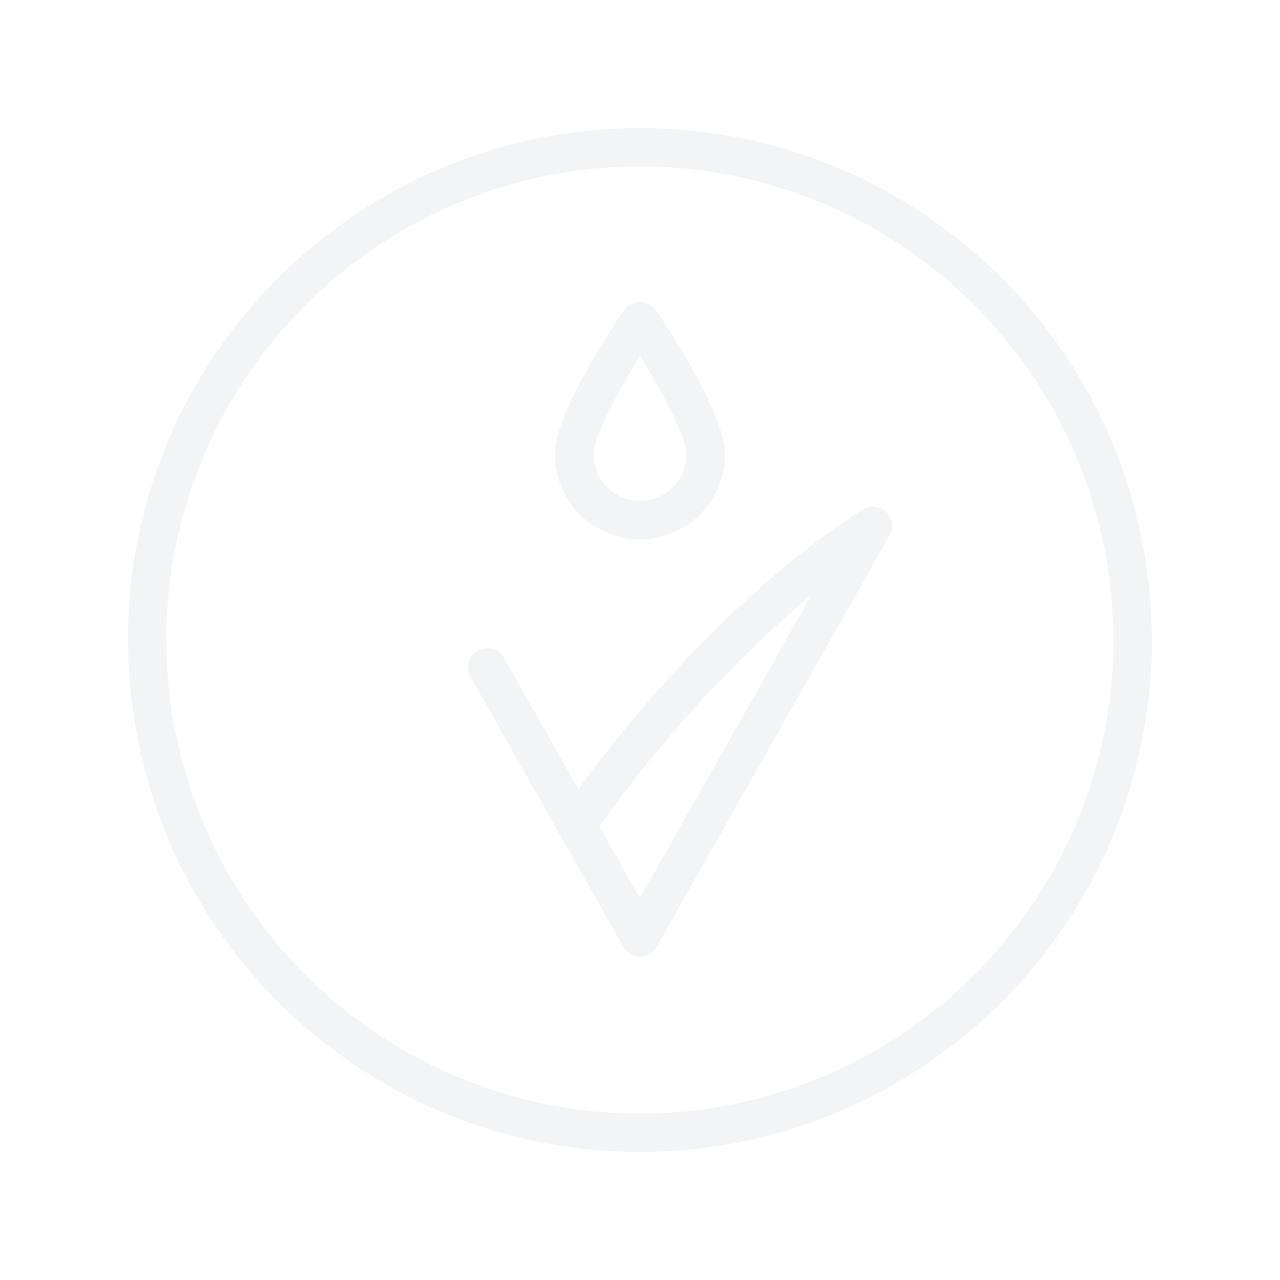 ST. MORIZ Dry Oil Self Tanning Mist 150ml